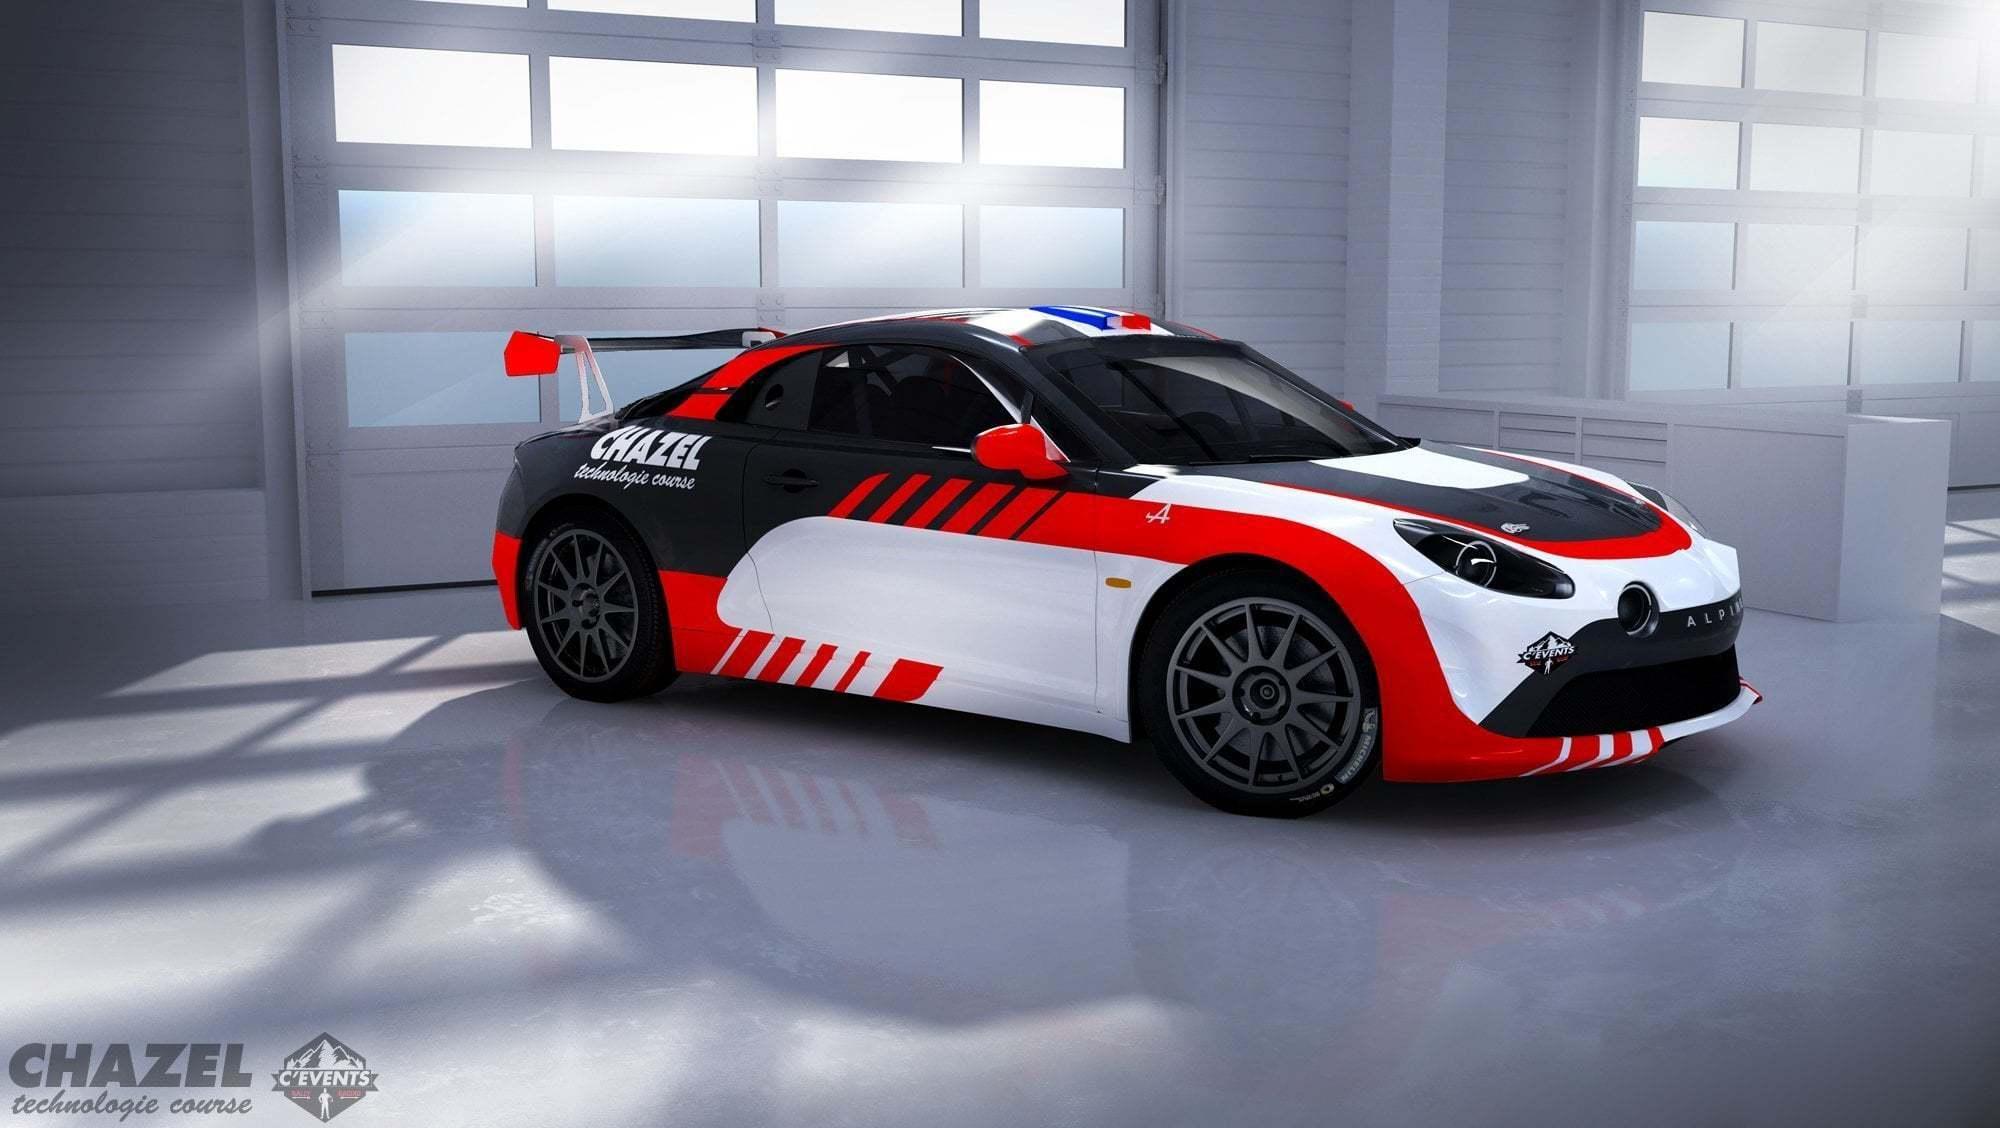 Alpine RGT CHAZEL   Le Team Chazel Technologie Course engagera une Alpine A110 R-GT en 2020